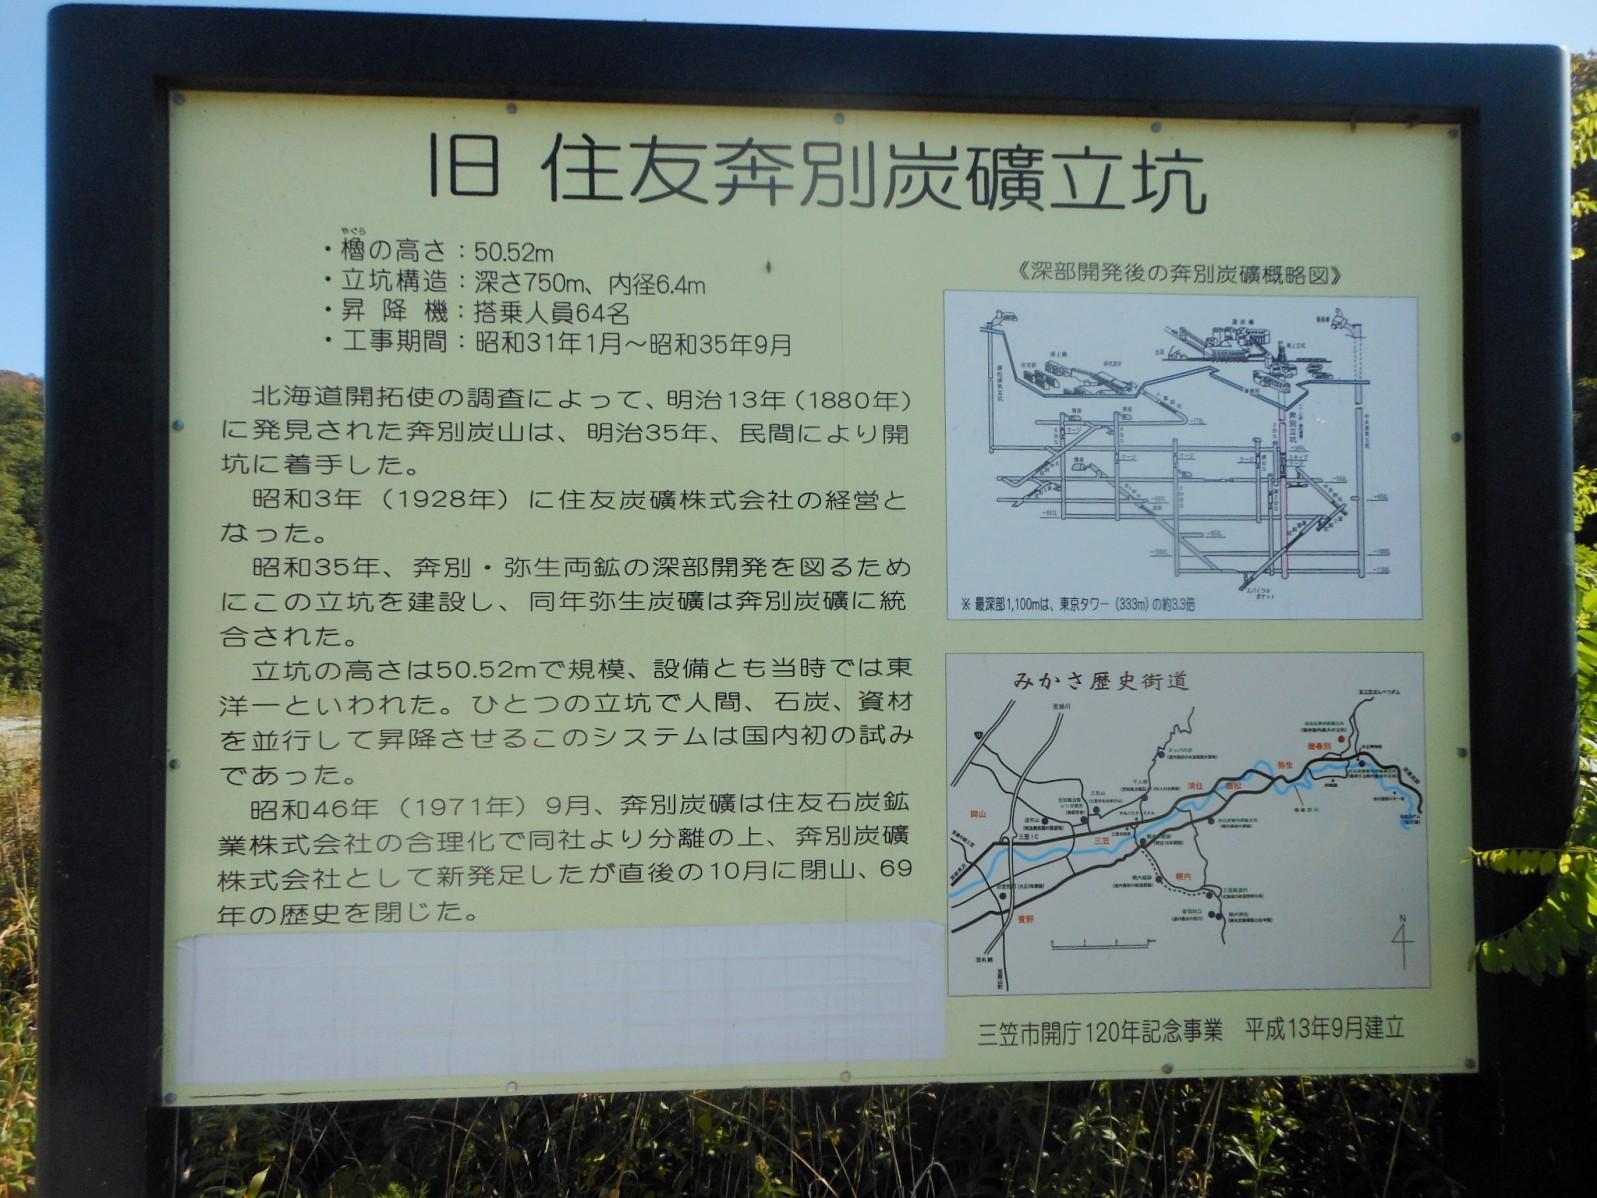 1848)①「奔別(ポンベツ)アート・プロジェクト」 三笠・幾春別 9月22日(土)~10月28日(日)_f0126829_0574674.jpg